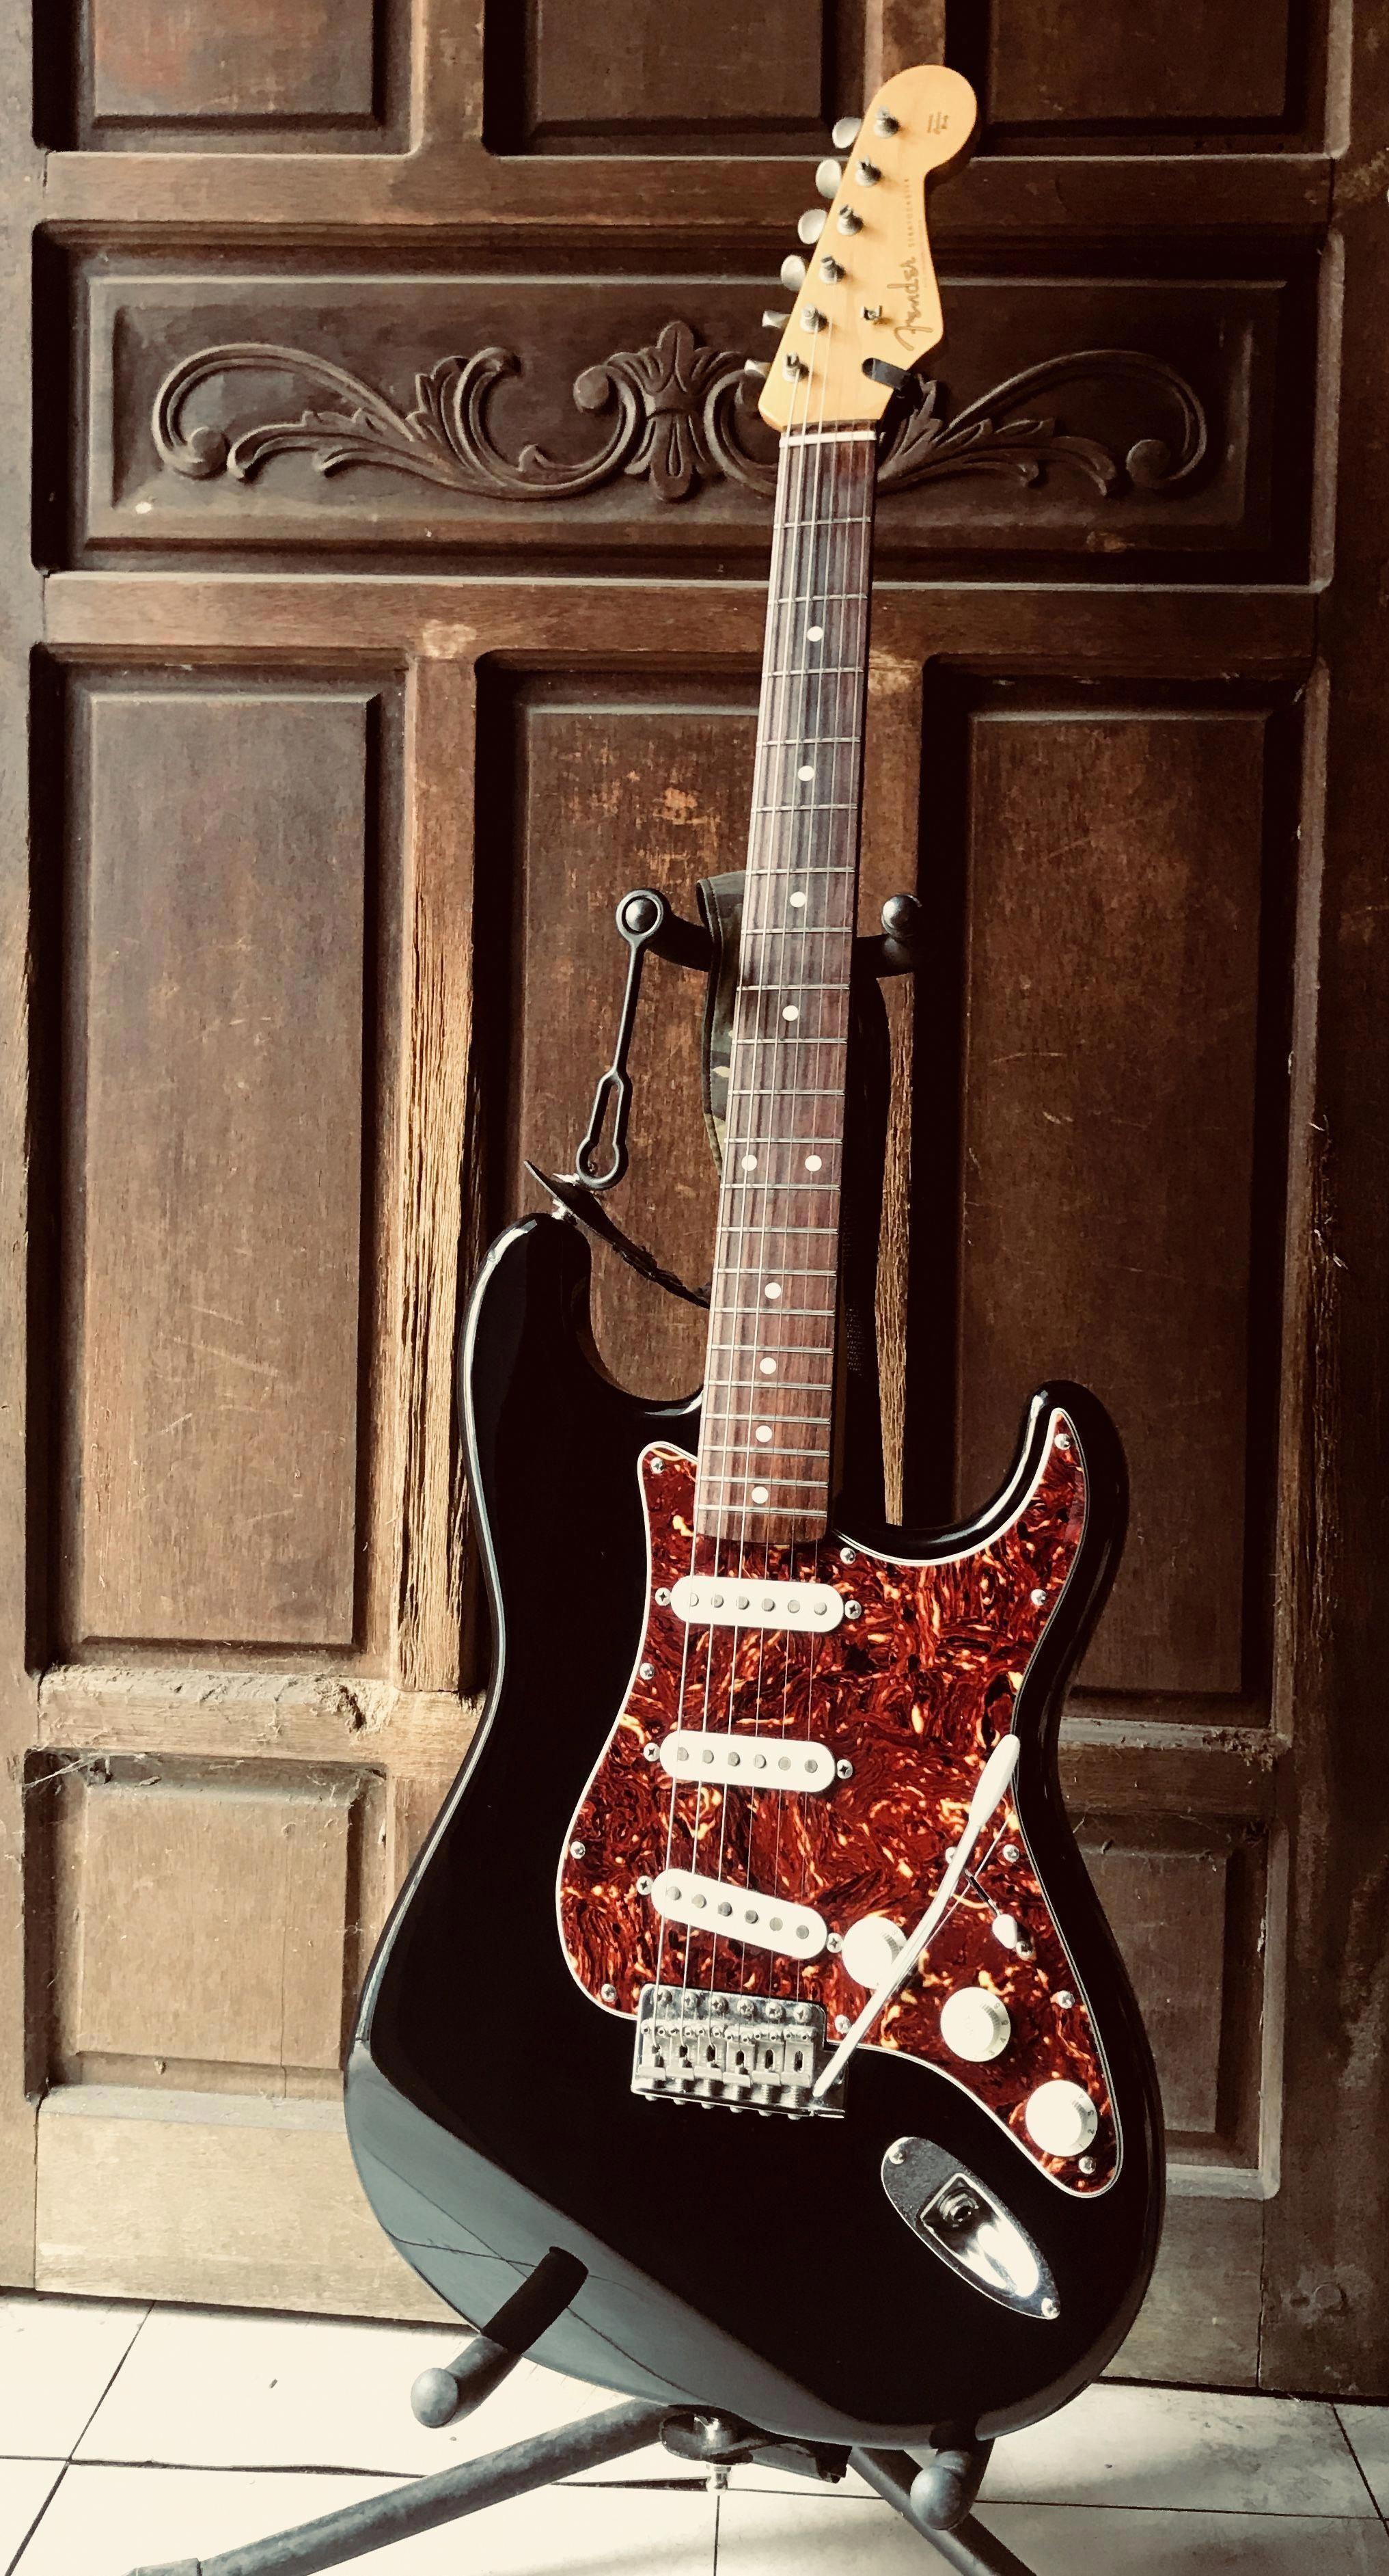 Fender Guitar Made In Usa Fender Guitar Neck Stratocaster #guitarshow #guitarpedal #FenderGuitars #fenderstratocaster